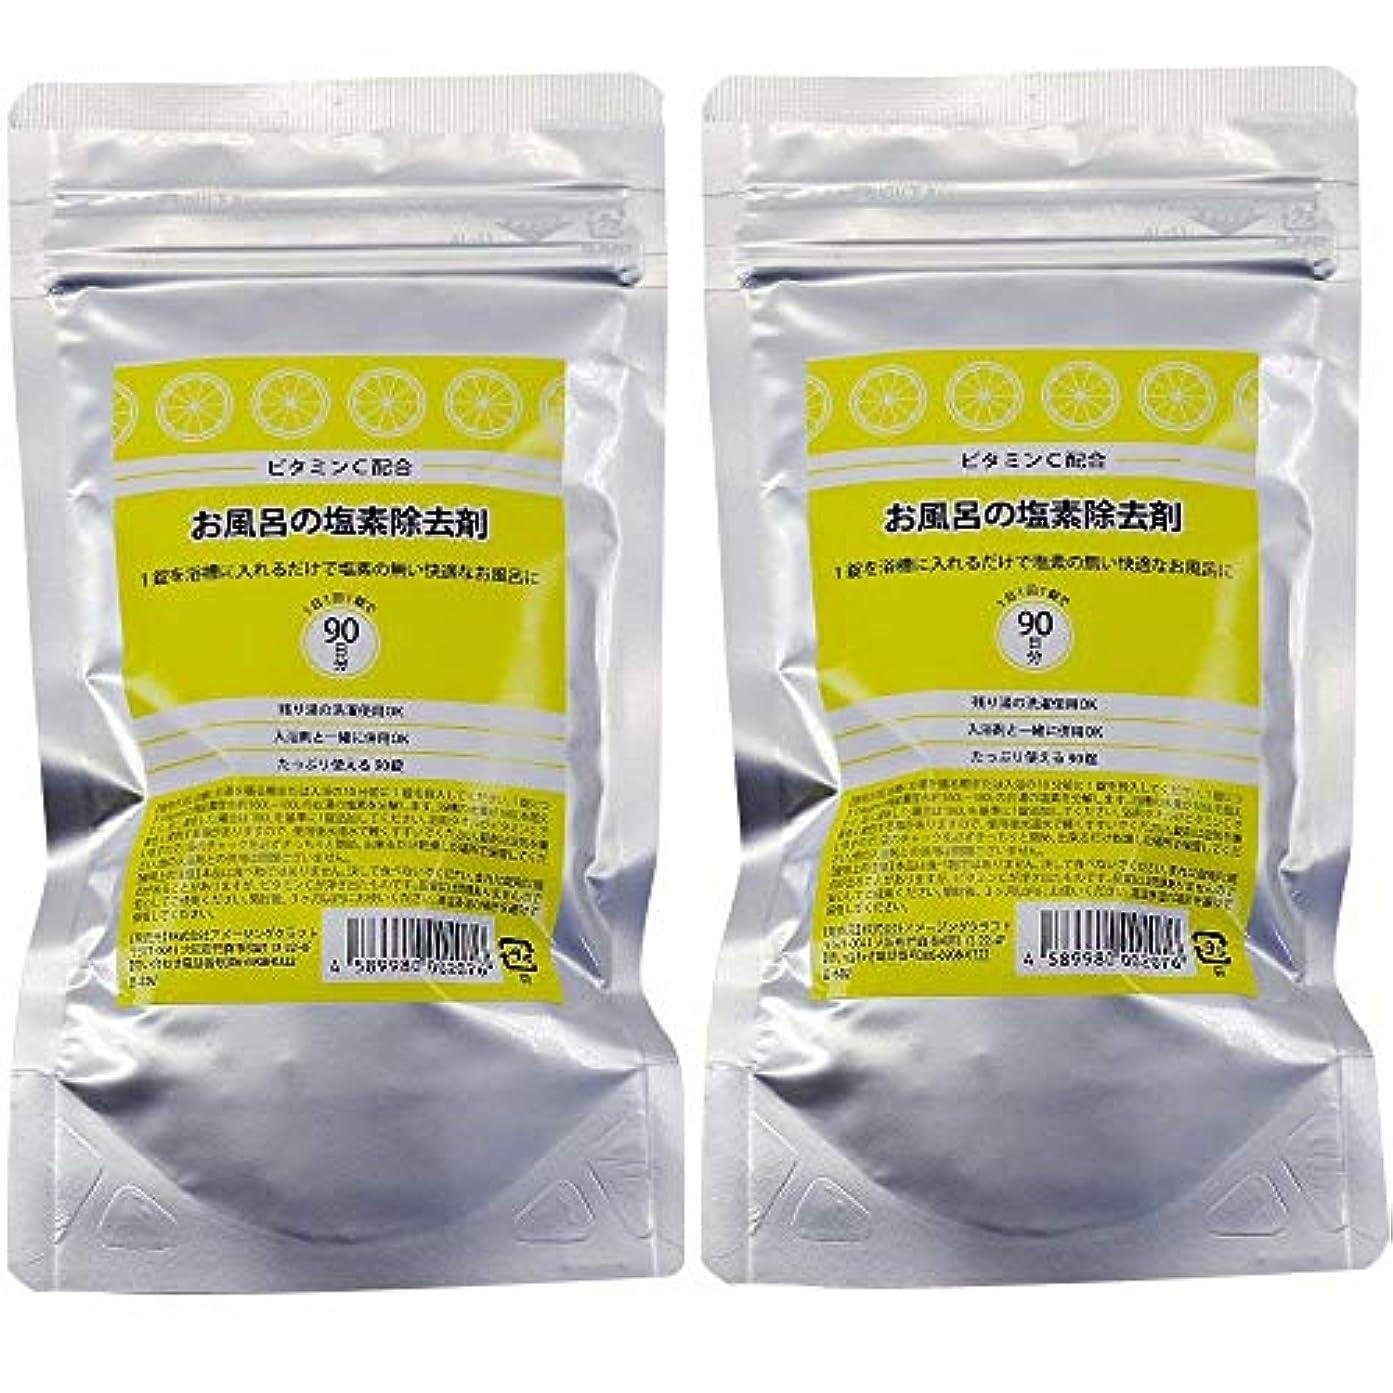 浸漬ジュニアテストビタミンC配合 お風呂の塩素除去剤 錠剤タイプ 90錠 2個セット 浴槽用脱塩素剤